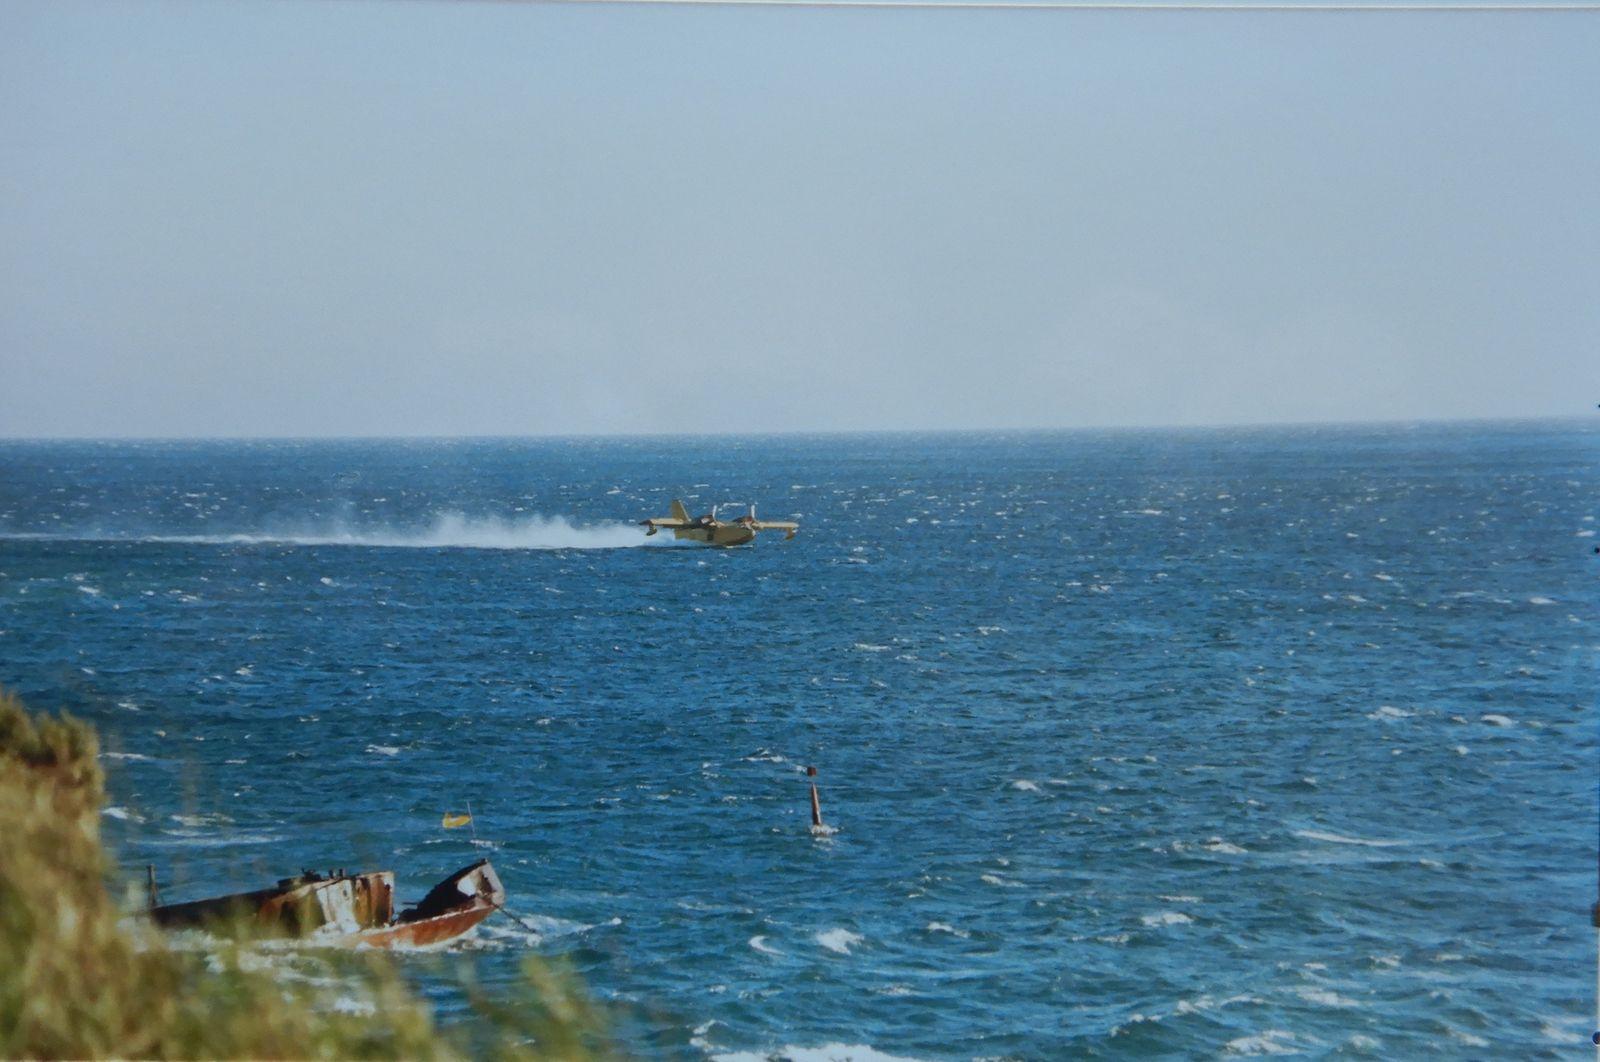 Incendie à la base - Canadairs - Navettes prêtes à l'évacuation de la zone civile